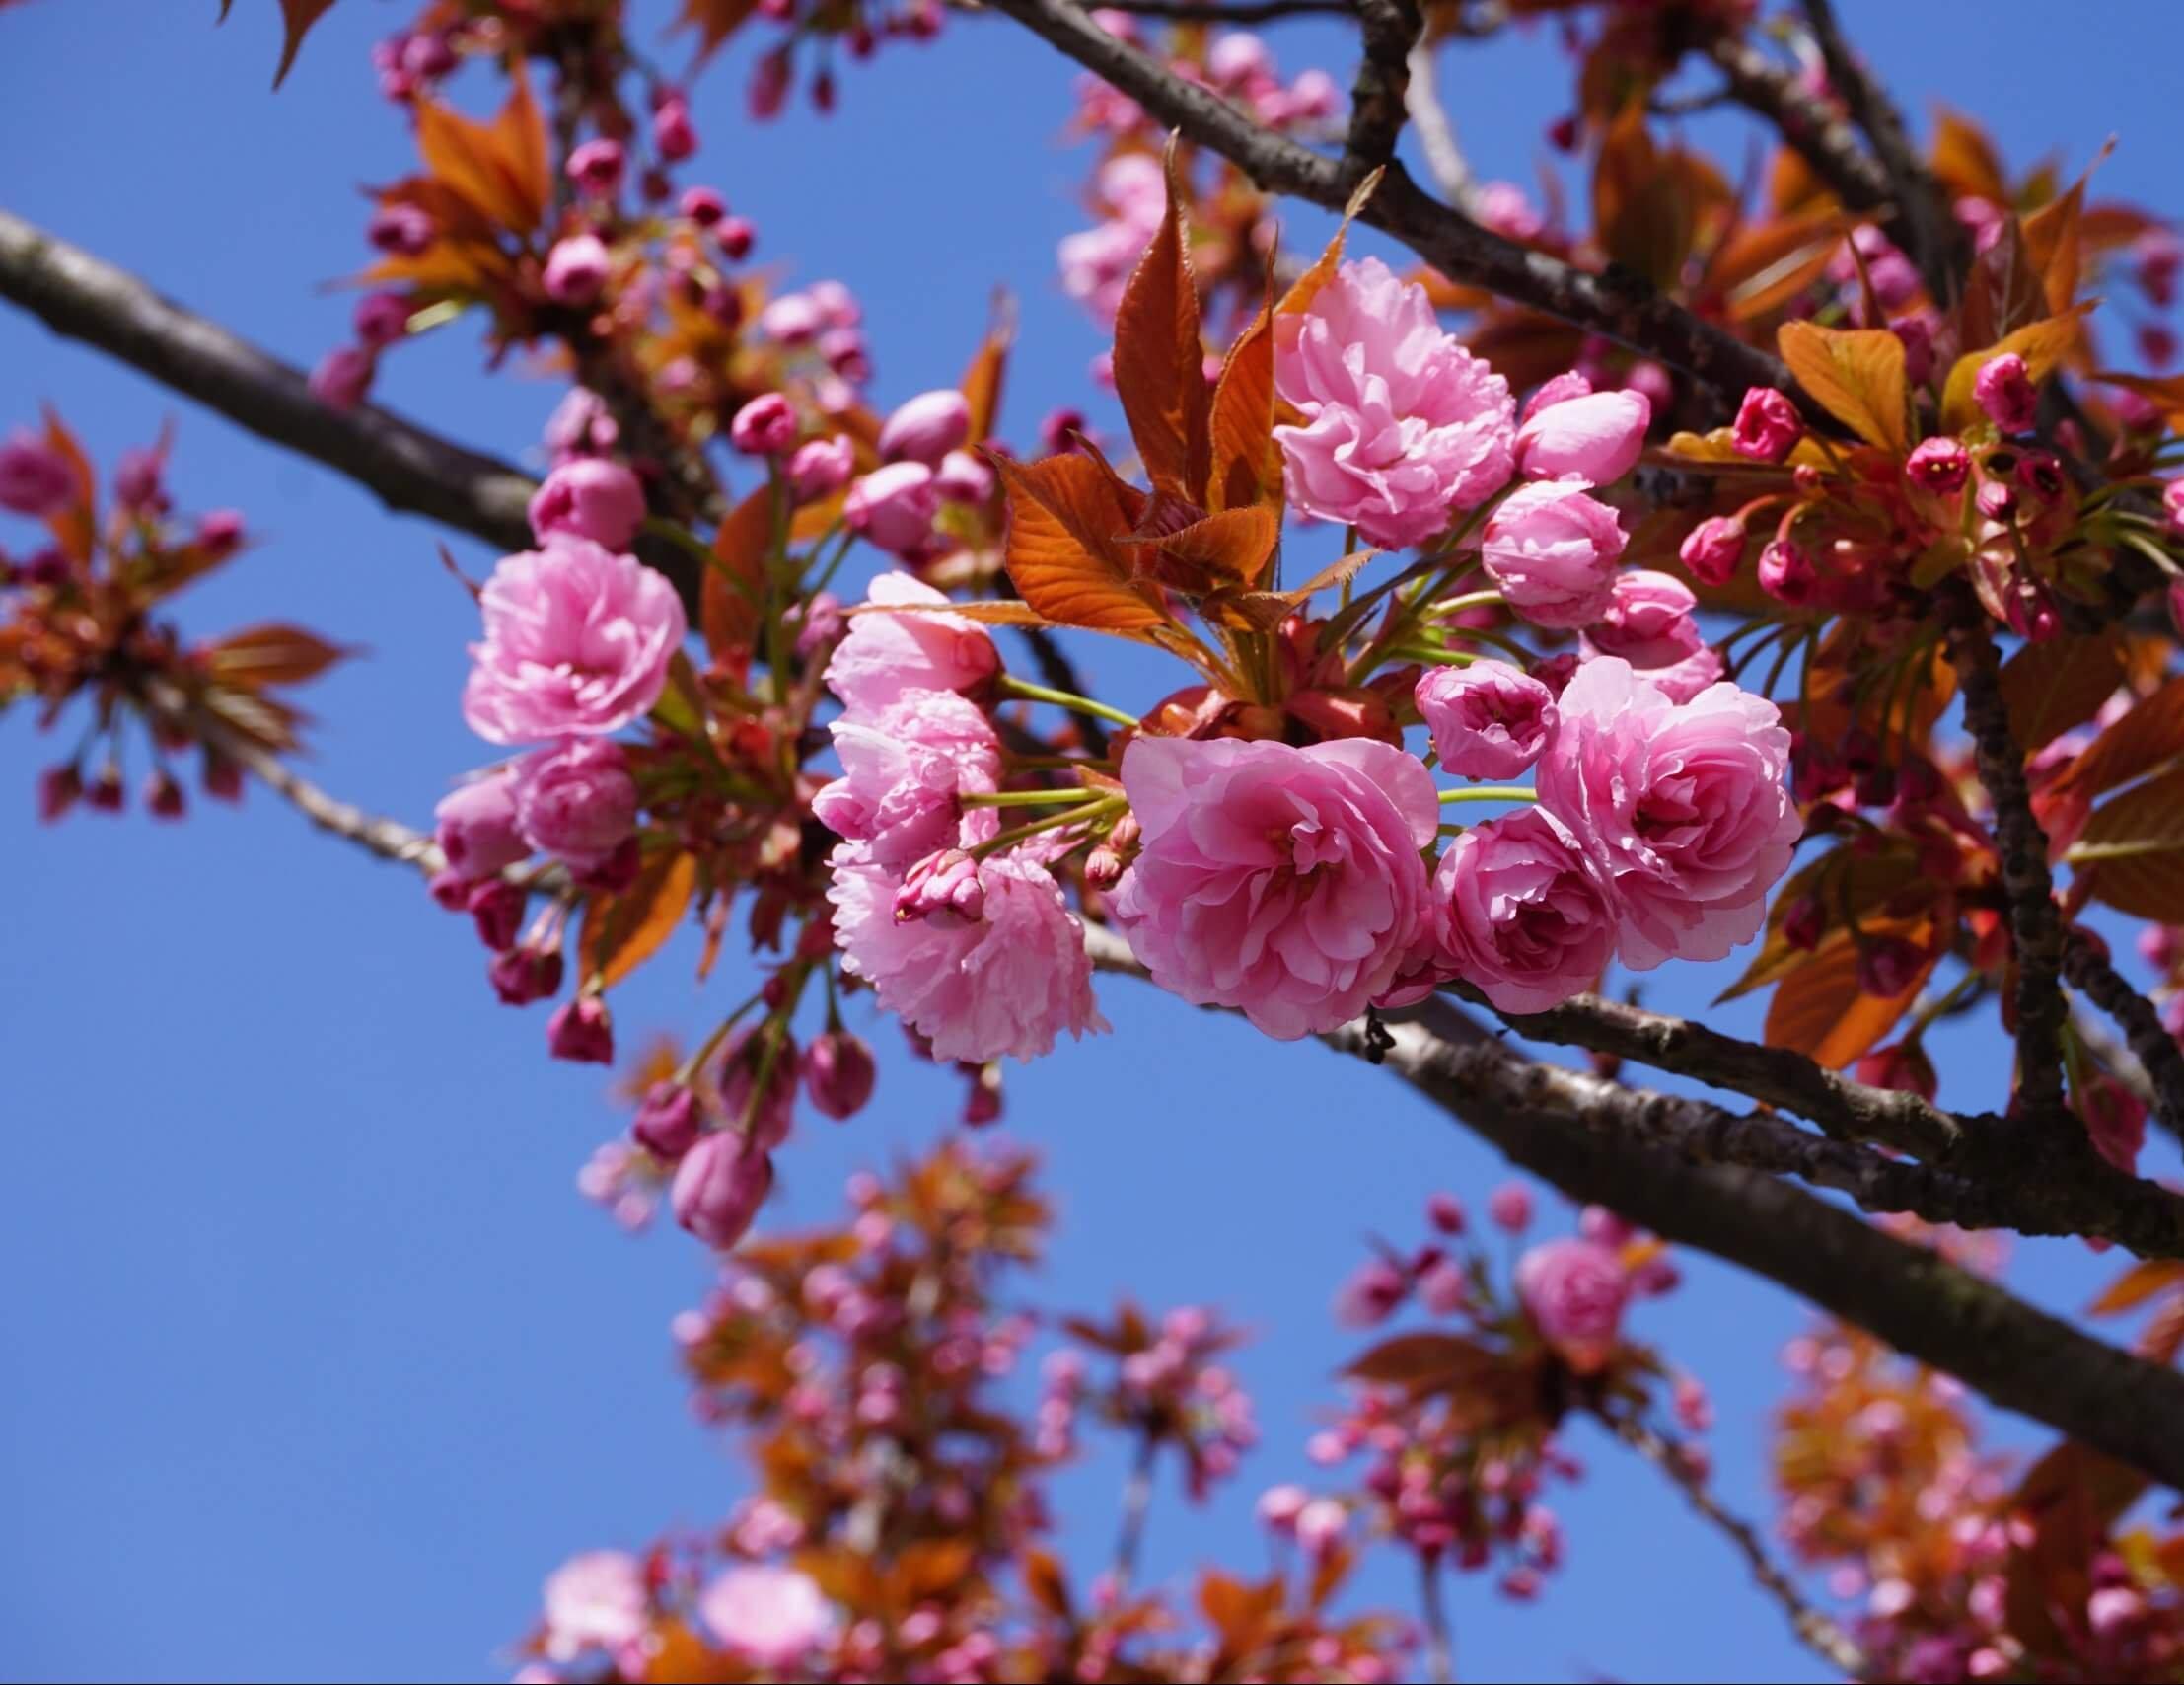 Das Bild zeigt eine Sorte einer Grannenkirsche mit rosafarbenen gefüllten Blüten, die sich hier an einem Baum in der Müggelheimer Straße in der ersten Aprilhälfte 2020 öffnen. Die zahlreichen Blütenblätter sind rosettenartig angeordnet und dicht stehend.